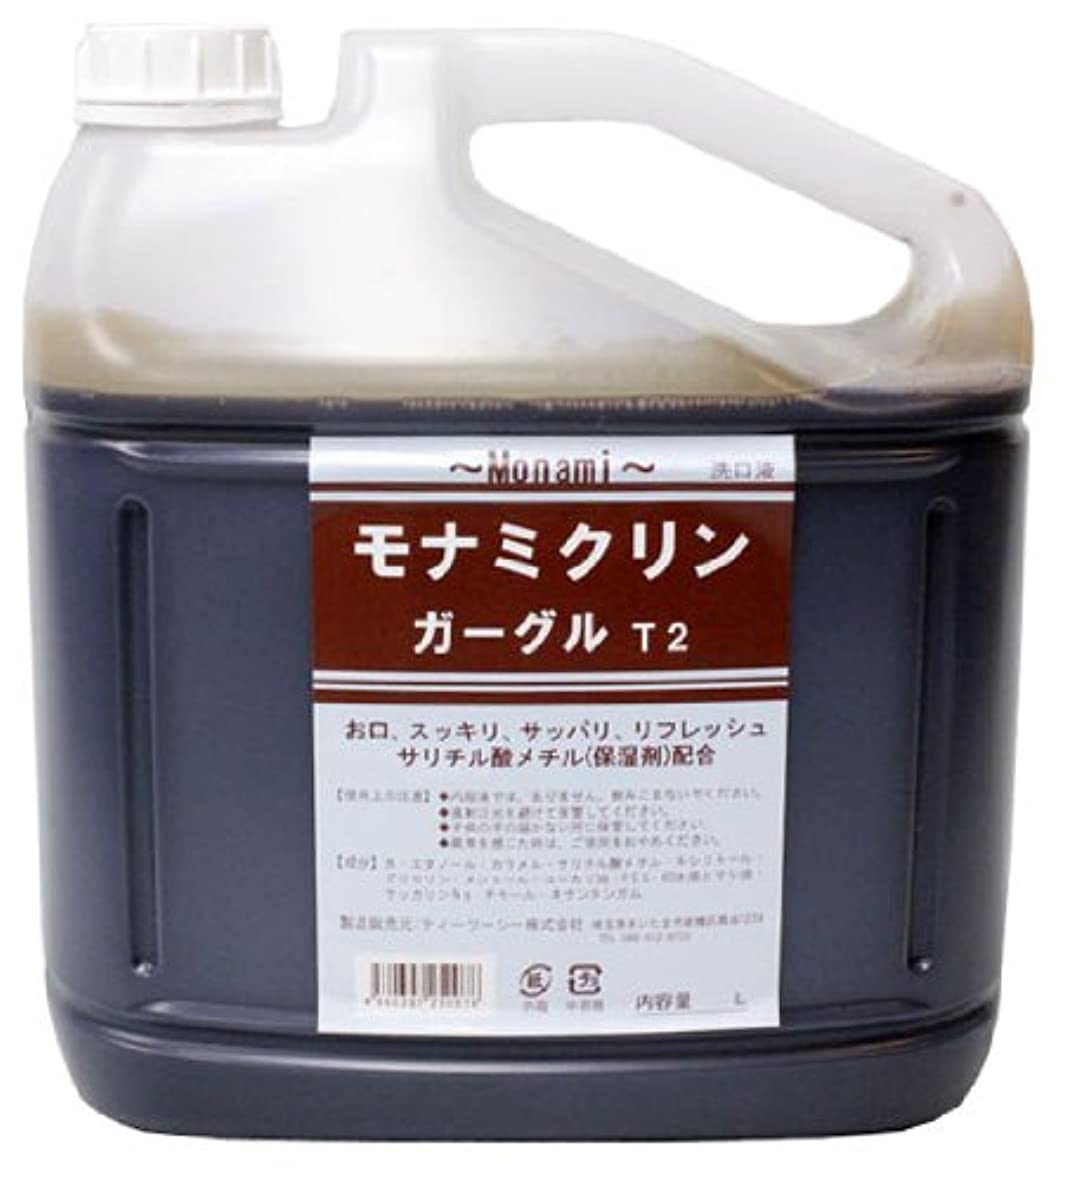 カウンタ潜在的な熟達【業務用】モナミ クリンガーグルT2 5リットル サリチル酸メチル配合